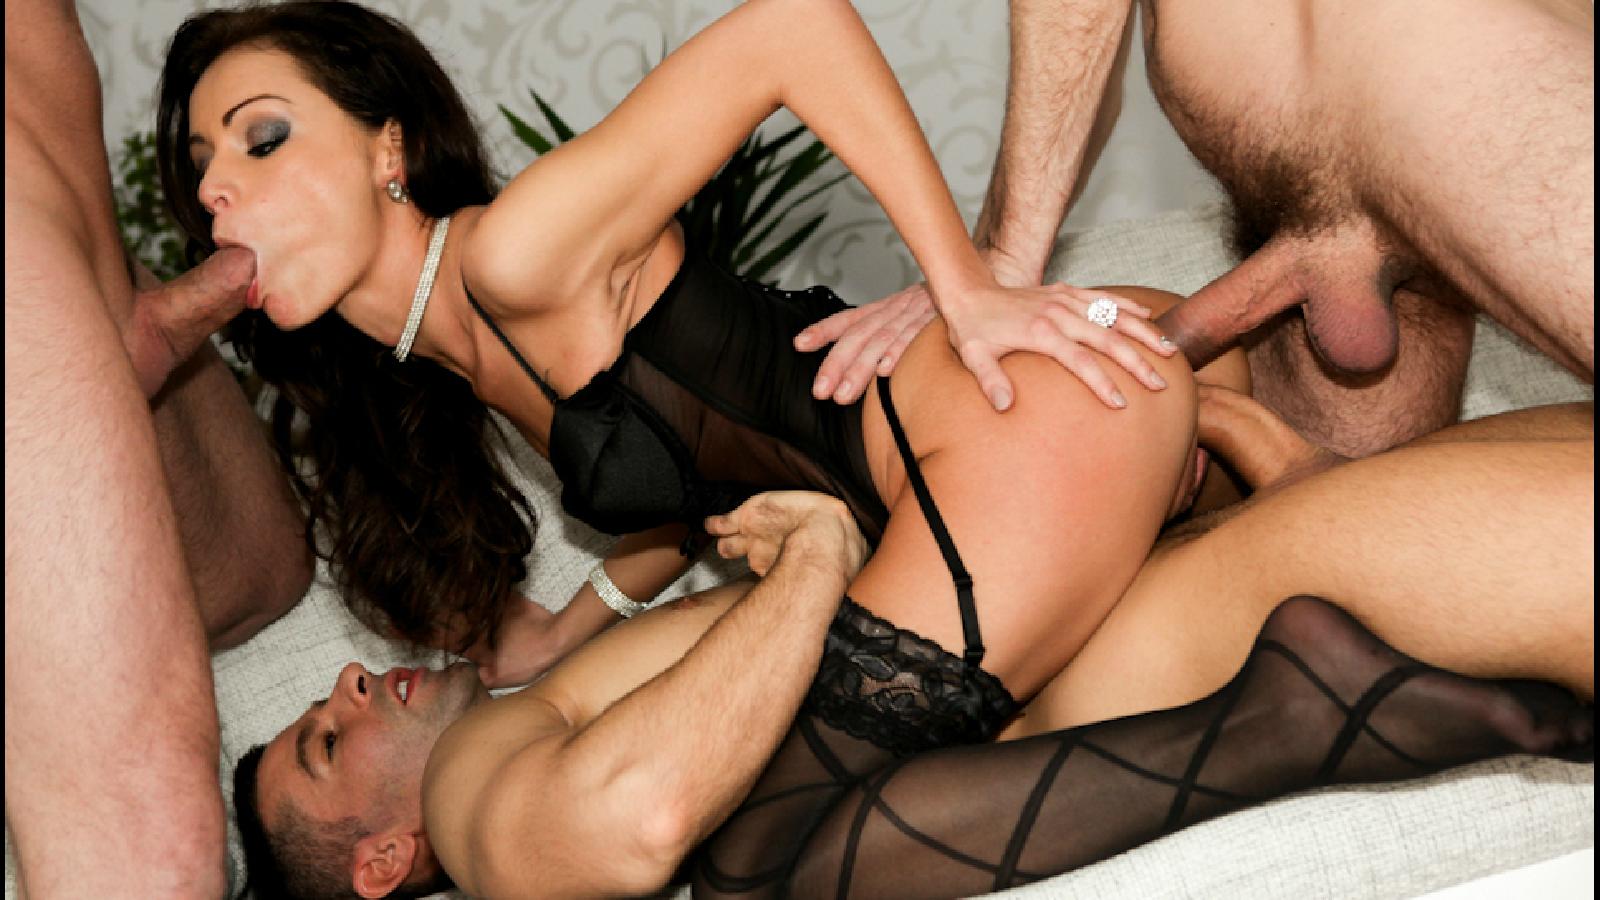 Шведский порно ганг банг 13 фотография